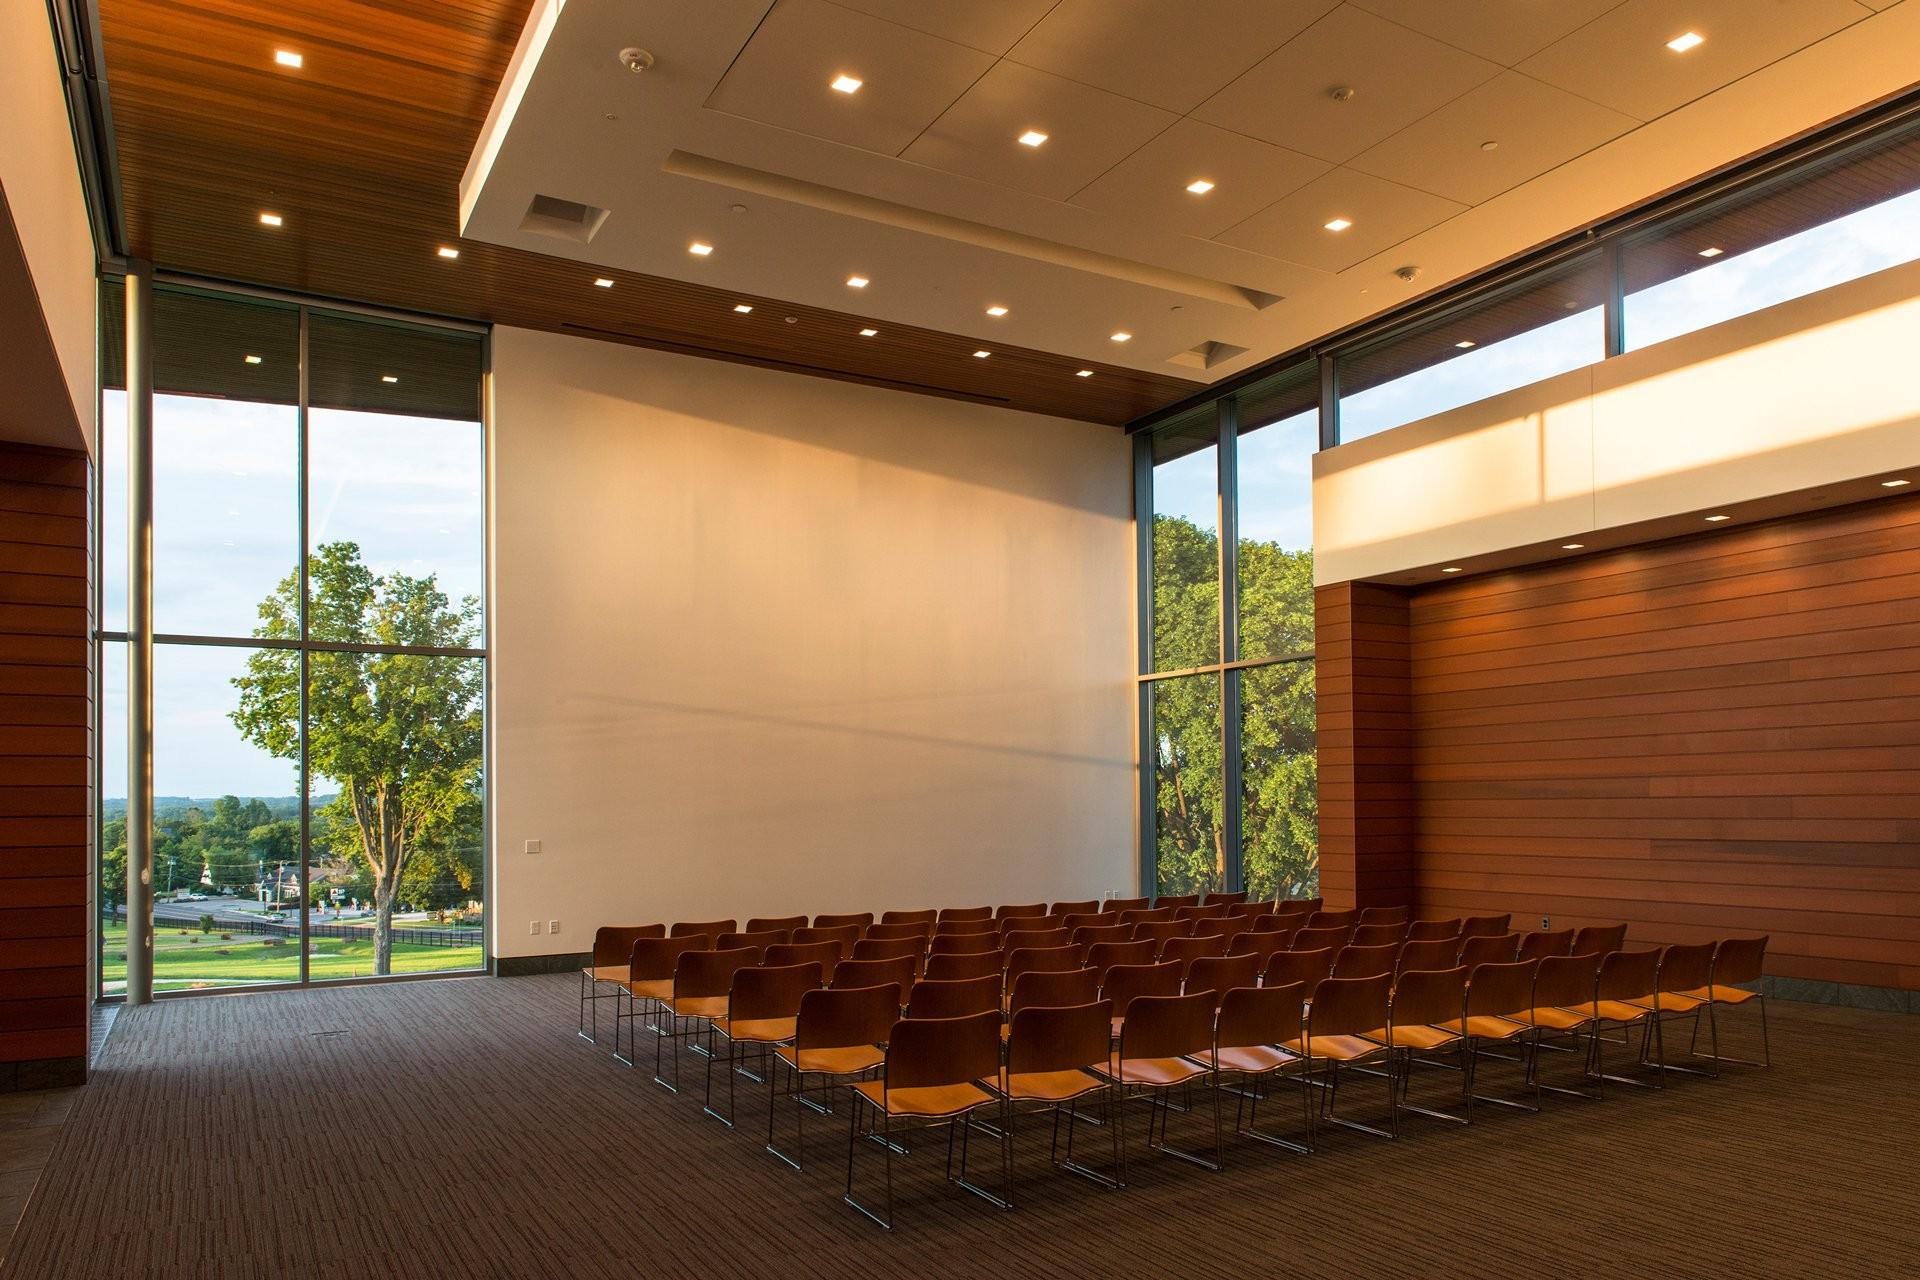 Modern Design Shelburne Vt: Pizzagalli Center For Art And Education, Shelburne Museum